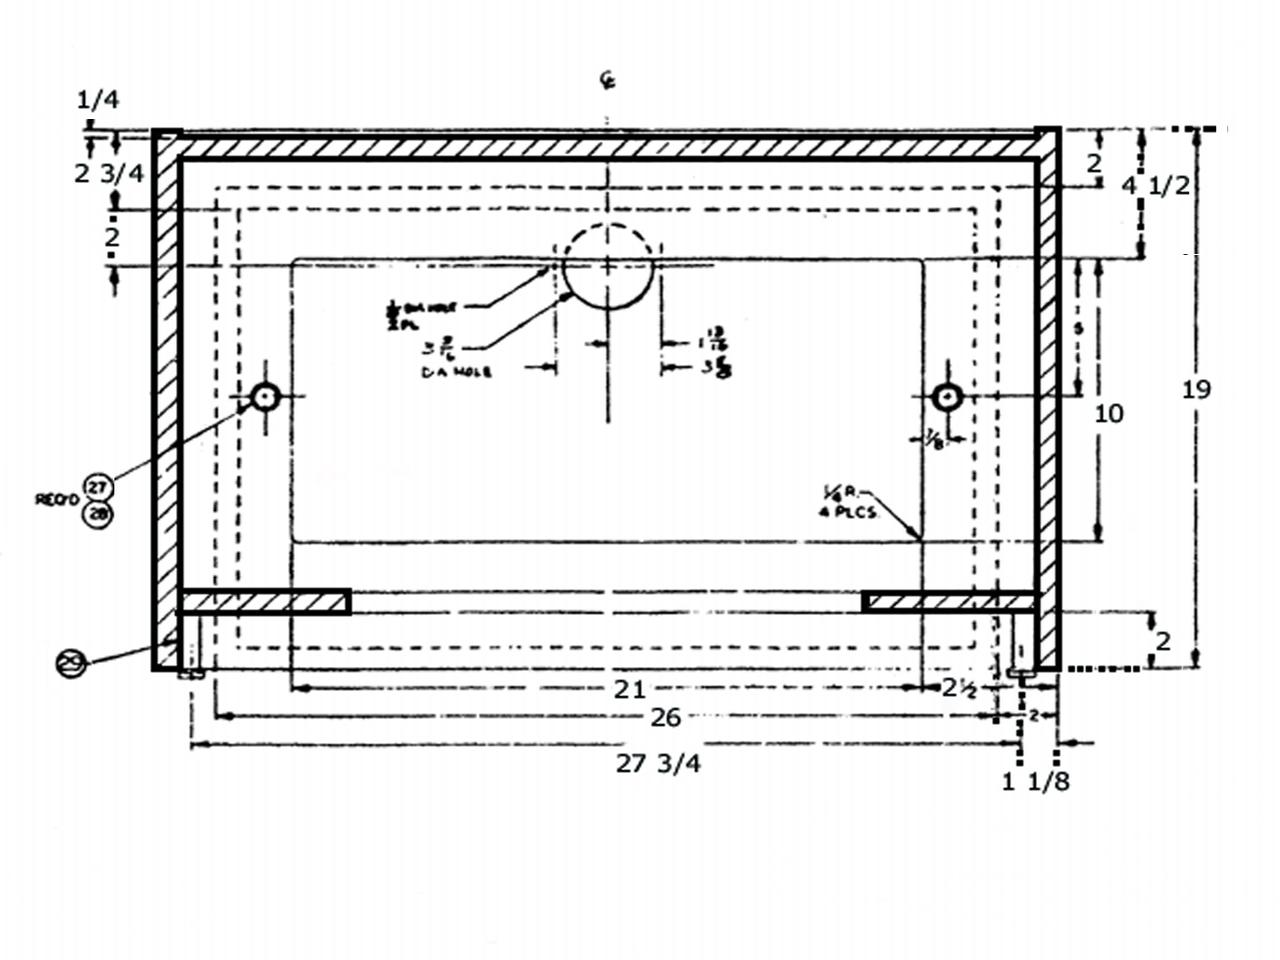 Altec Lansing Model 19 Cabinet Plans - Great Plains Audio